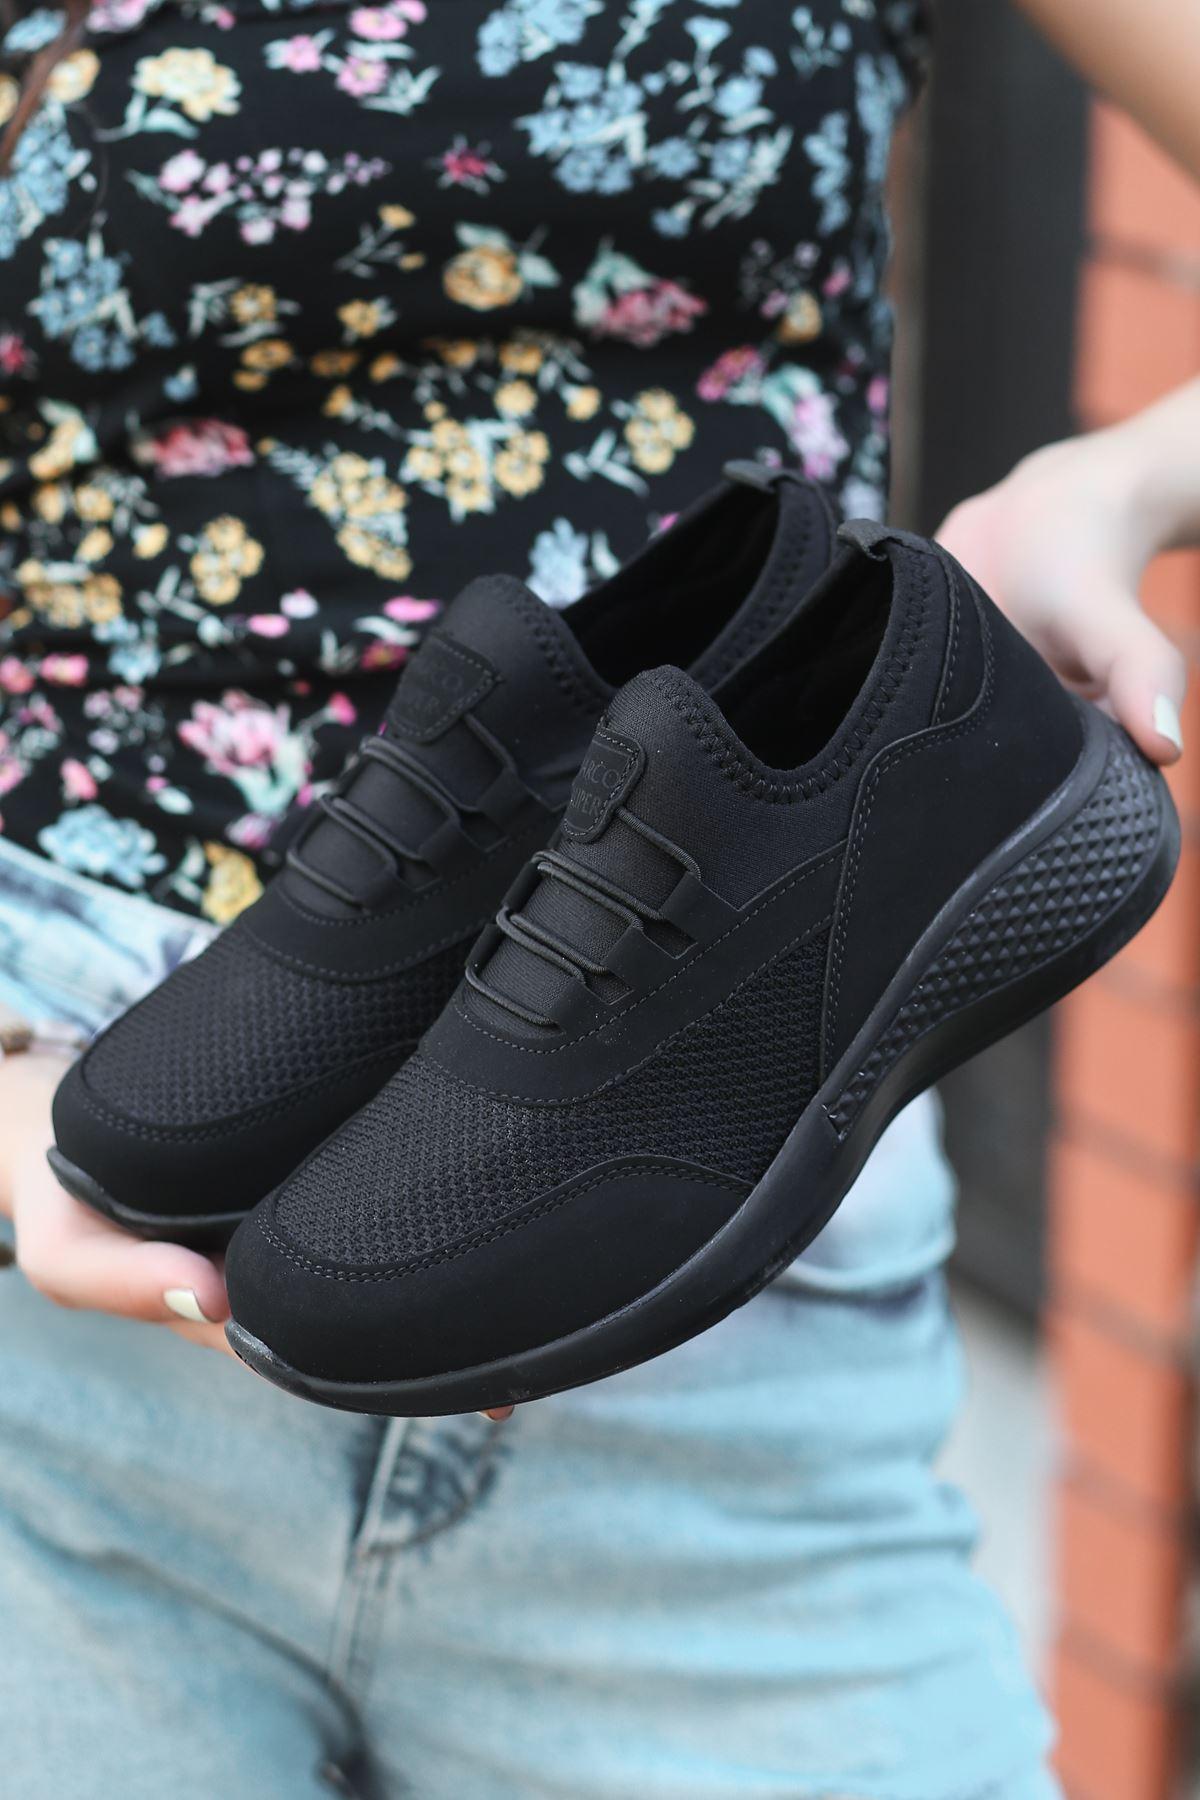 Armenno File Detay Siyah Kadın Spor Ayakkabı ST